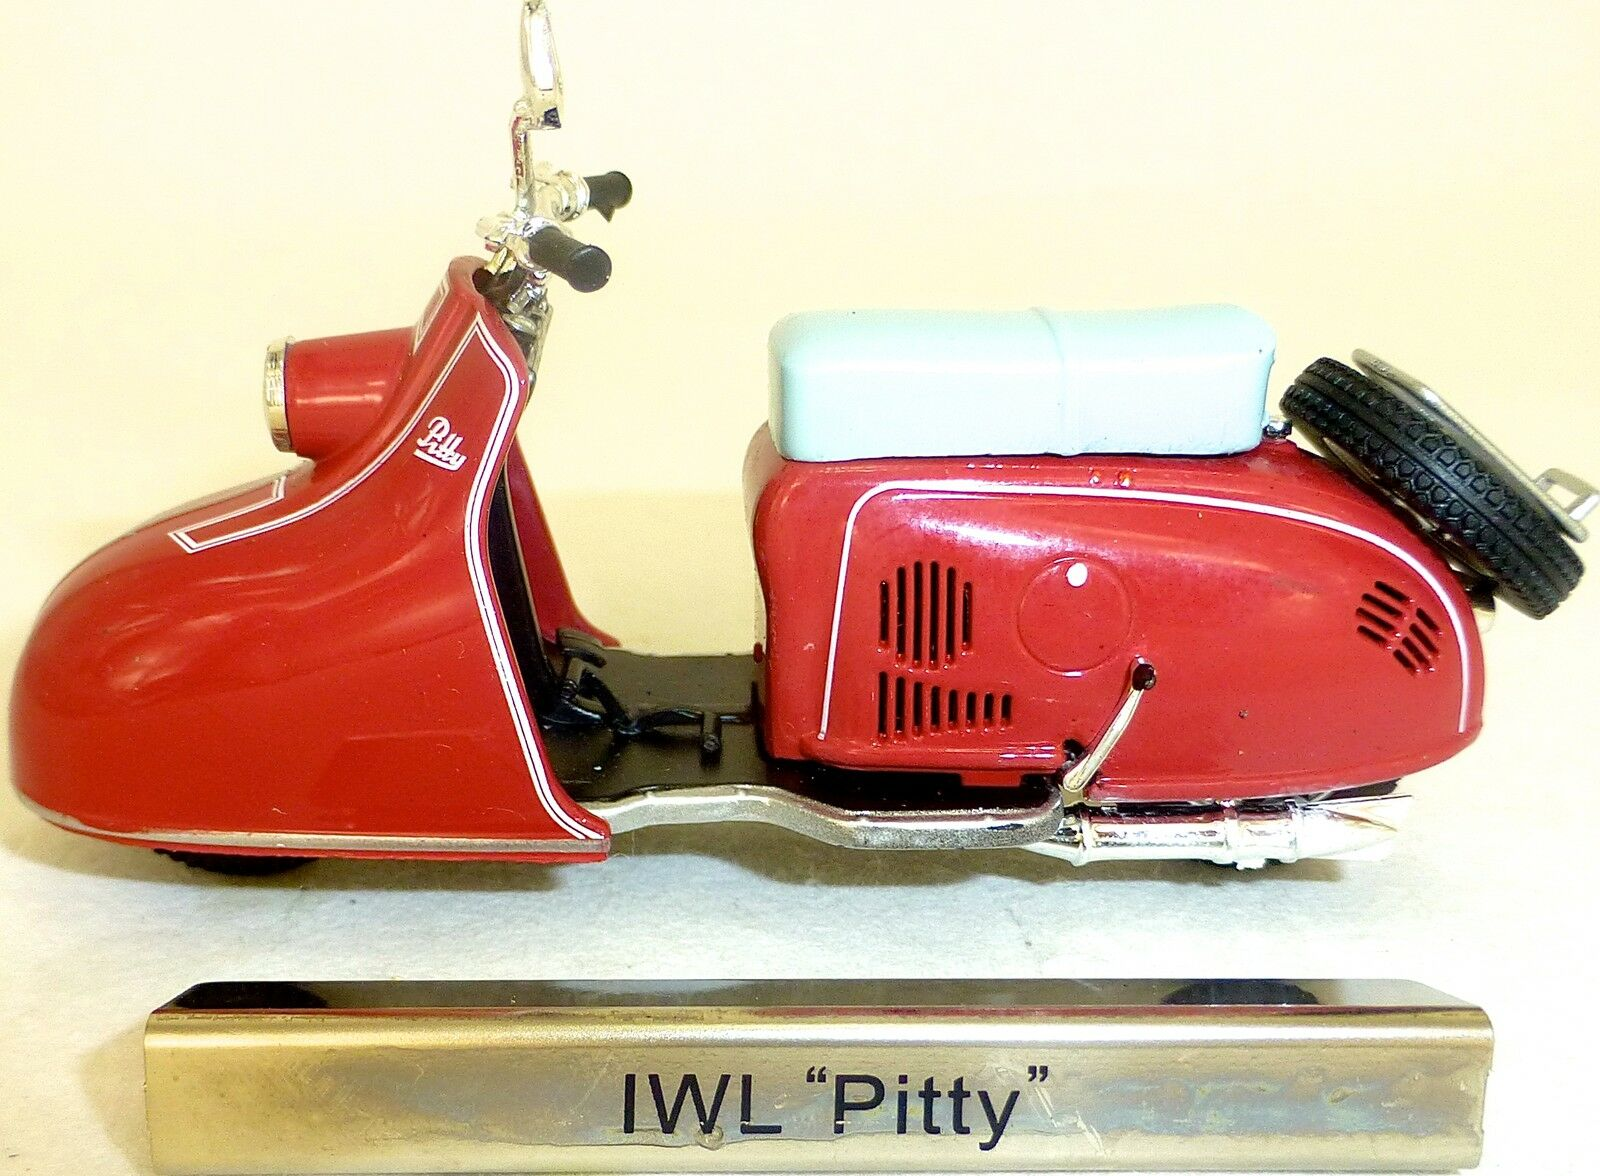 IWL Pitty Motorrad Motorroller red DDR 1 24 ATLAS 7168116 NEU OVP LA4 µ